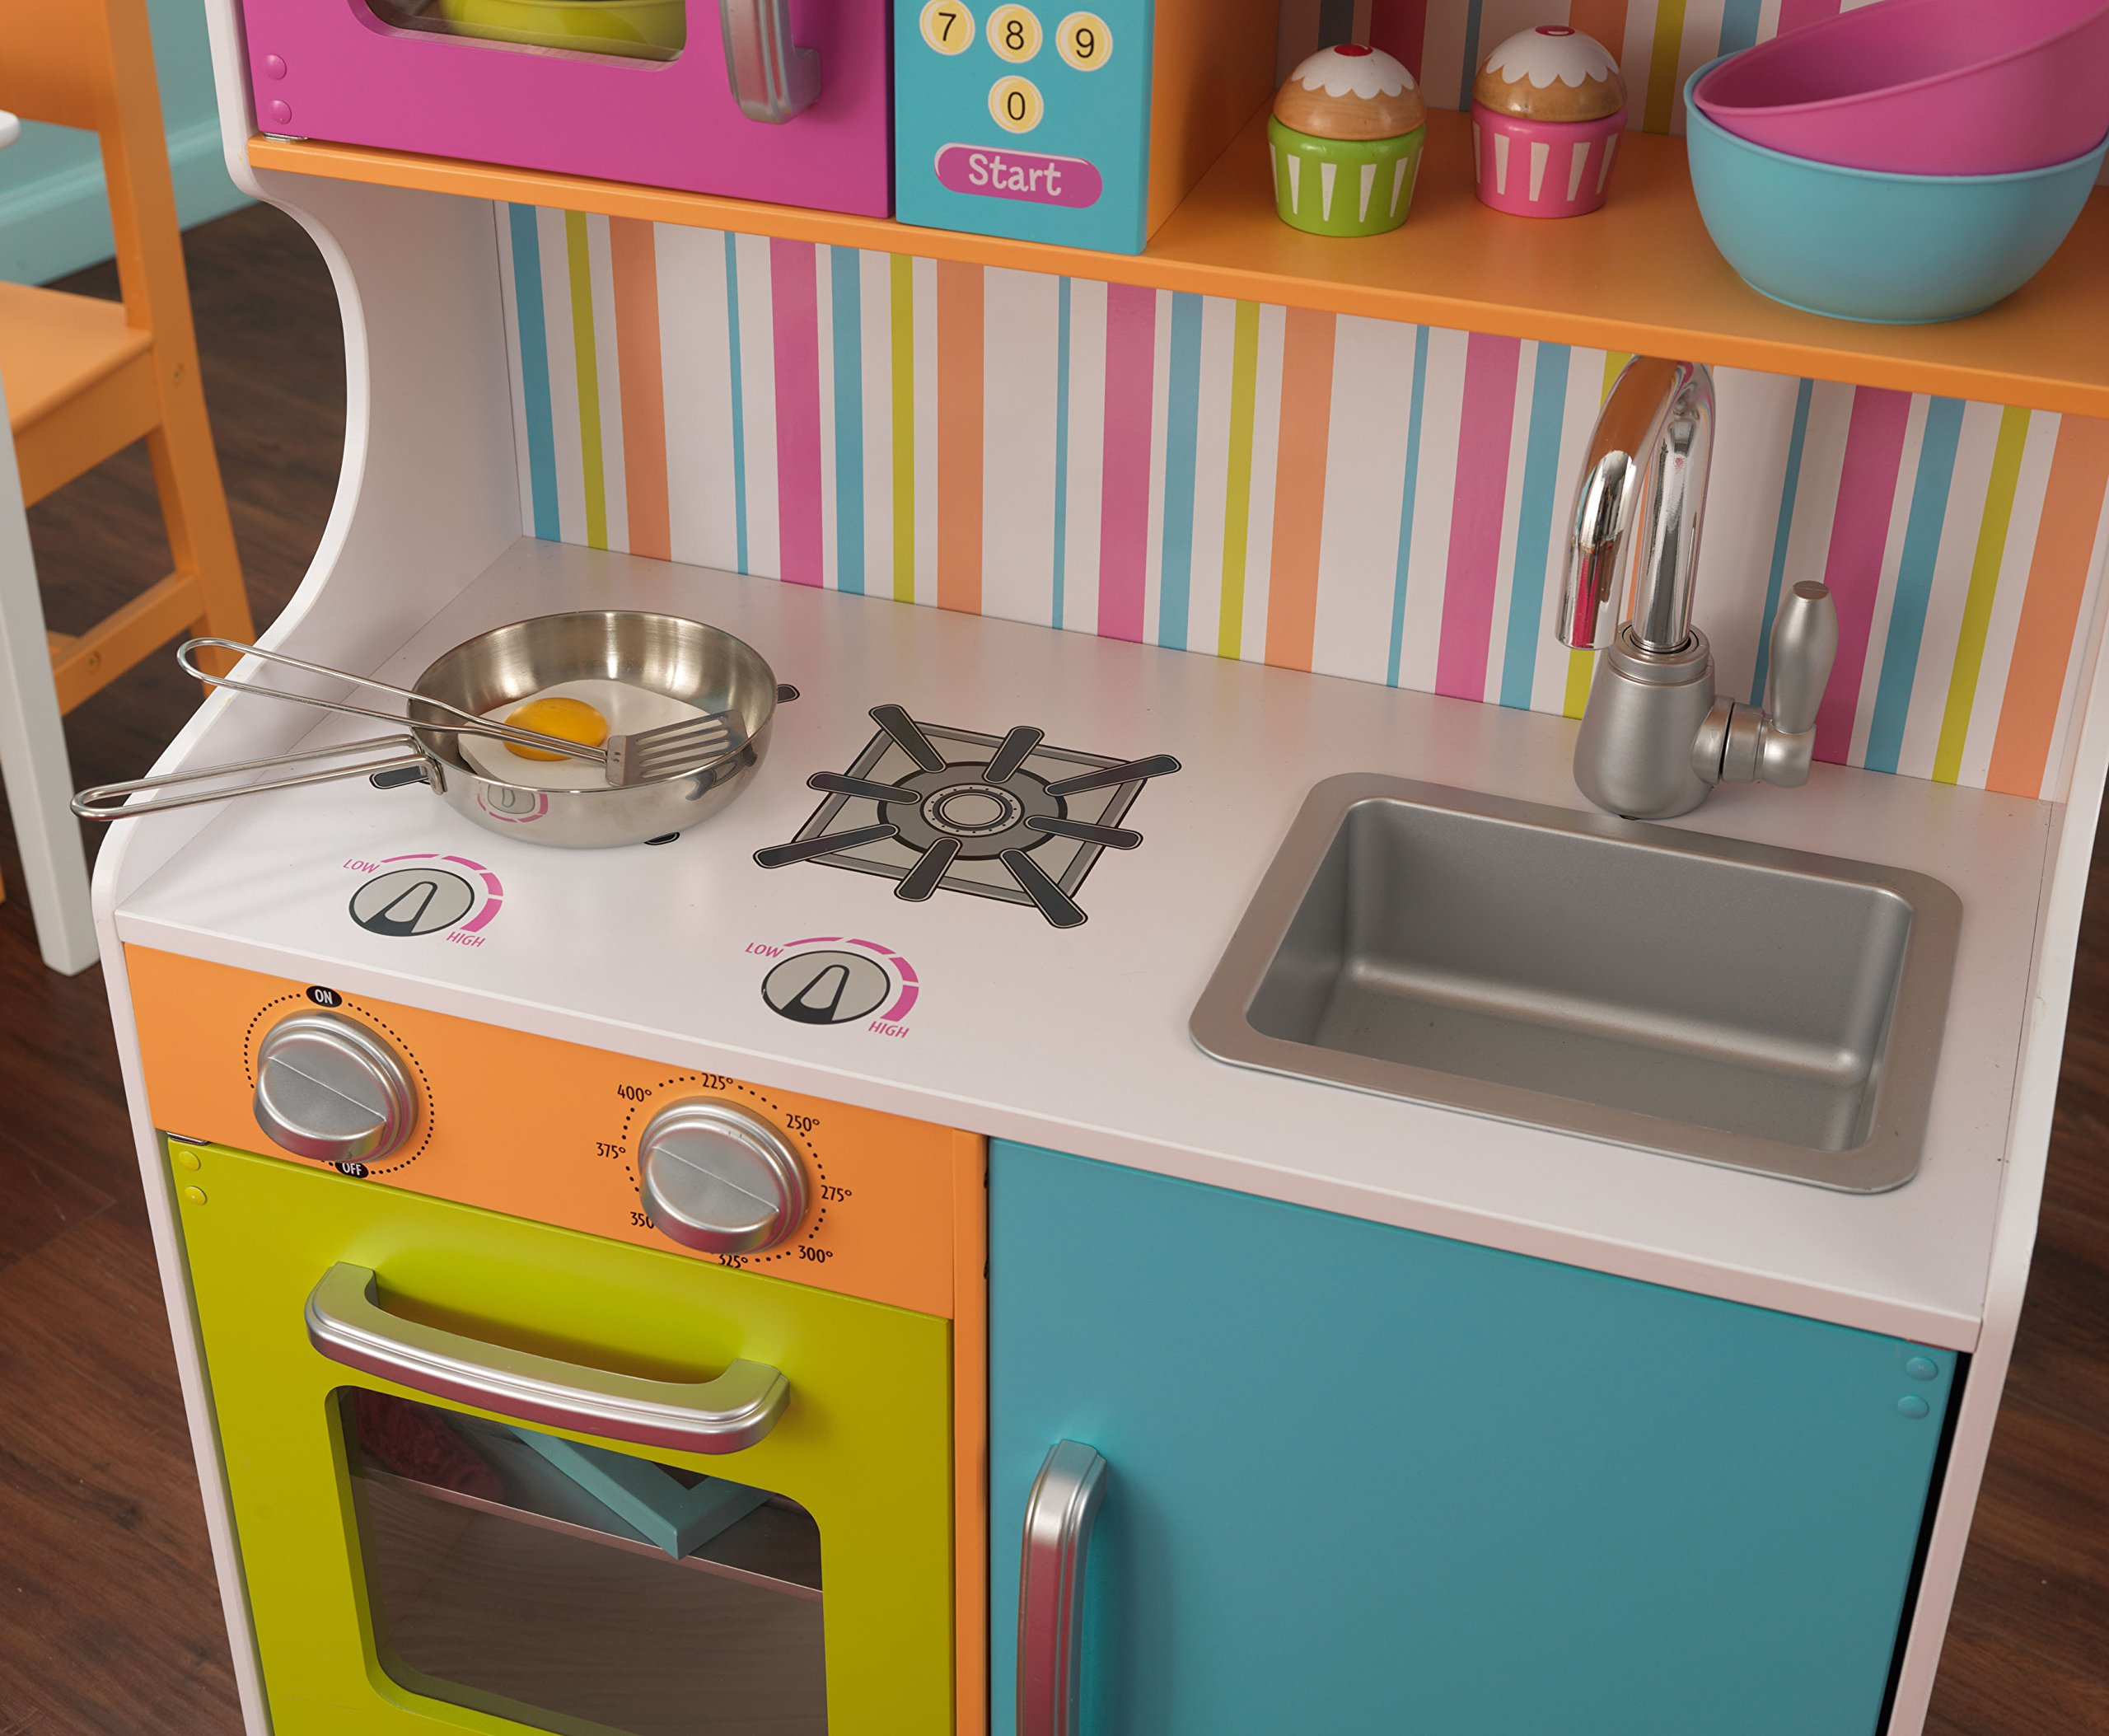 Kidkraft 53378 cucina giocattolo in legno bright toddler giochi legno